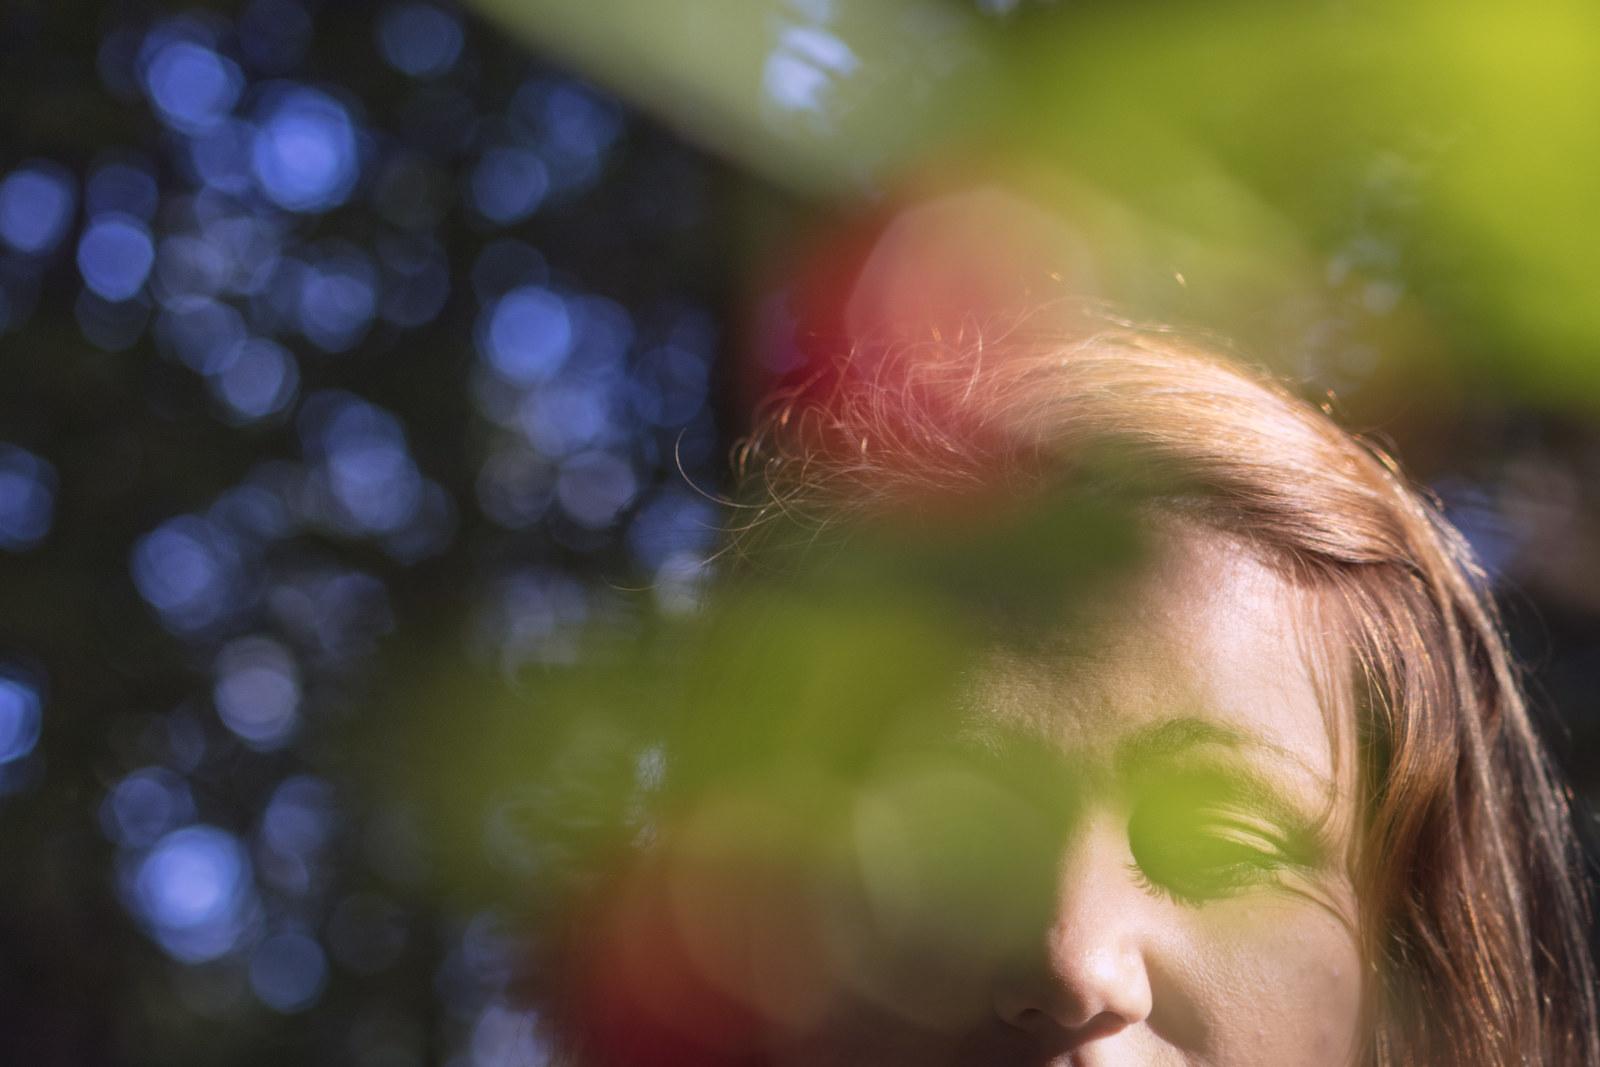 Riia Puska metsässä, etualalla värikkäitä lehtiä eoätarkkana.